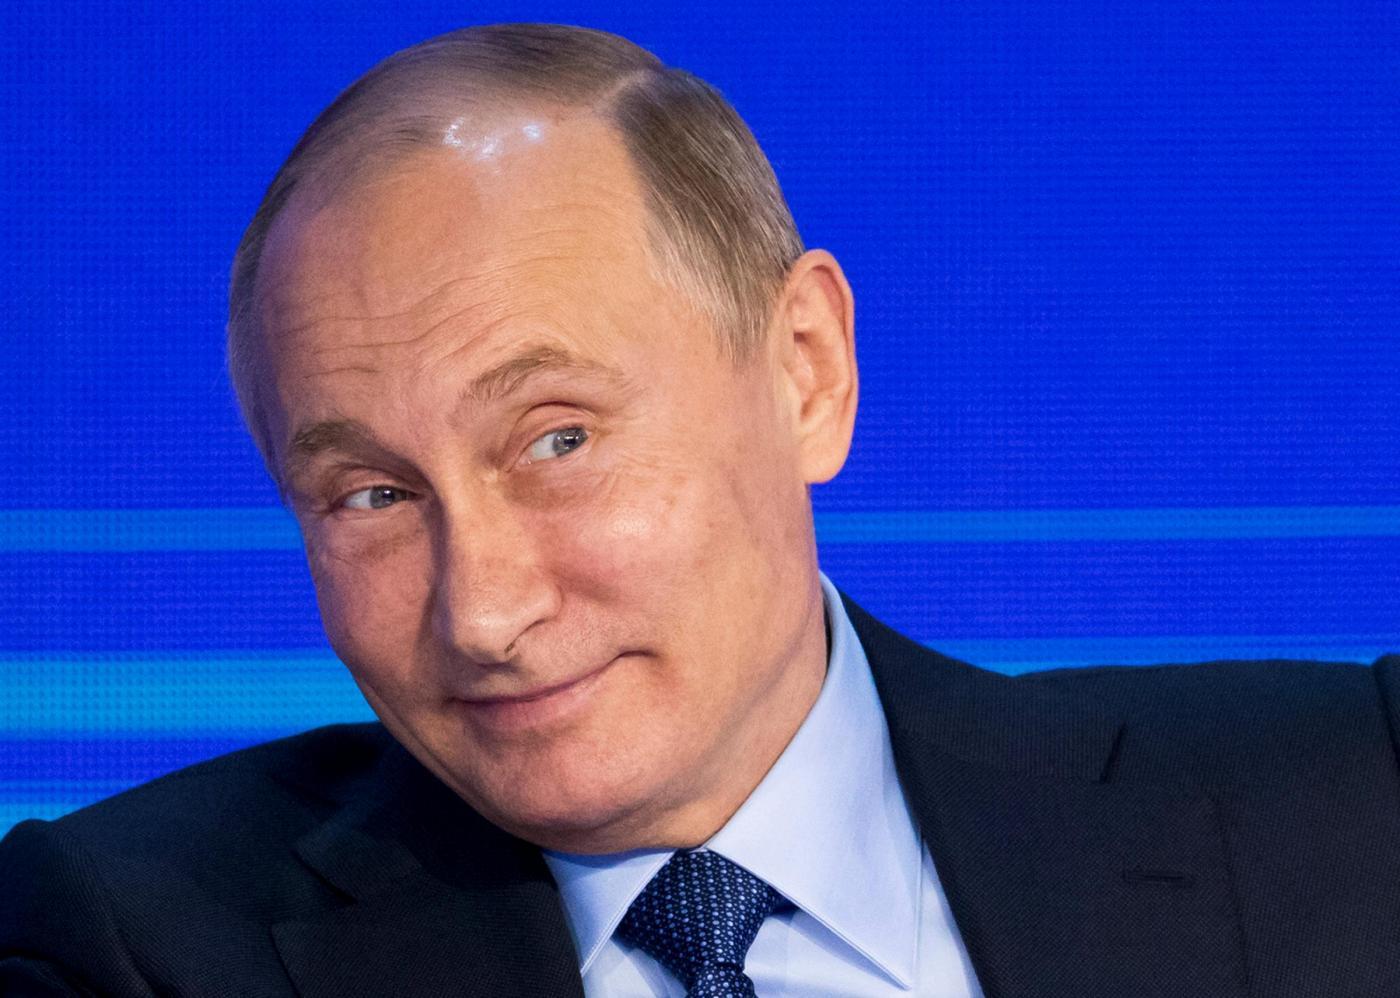 La nuova bomba atomica di Putin: Satan 2 può distruggere il Texas